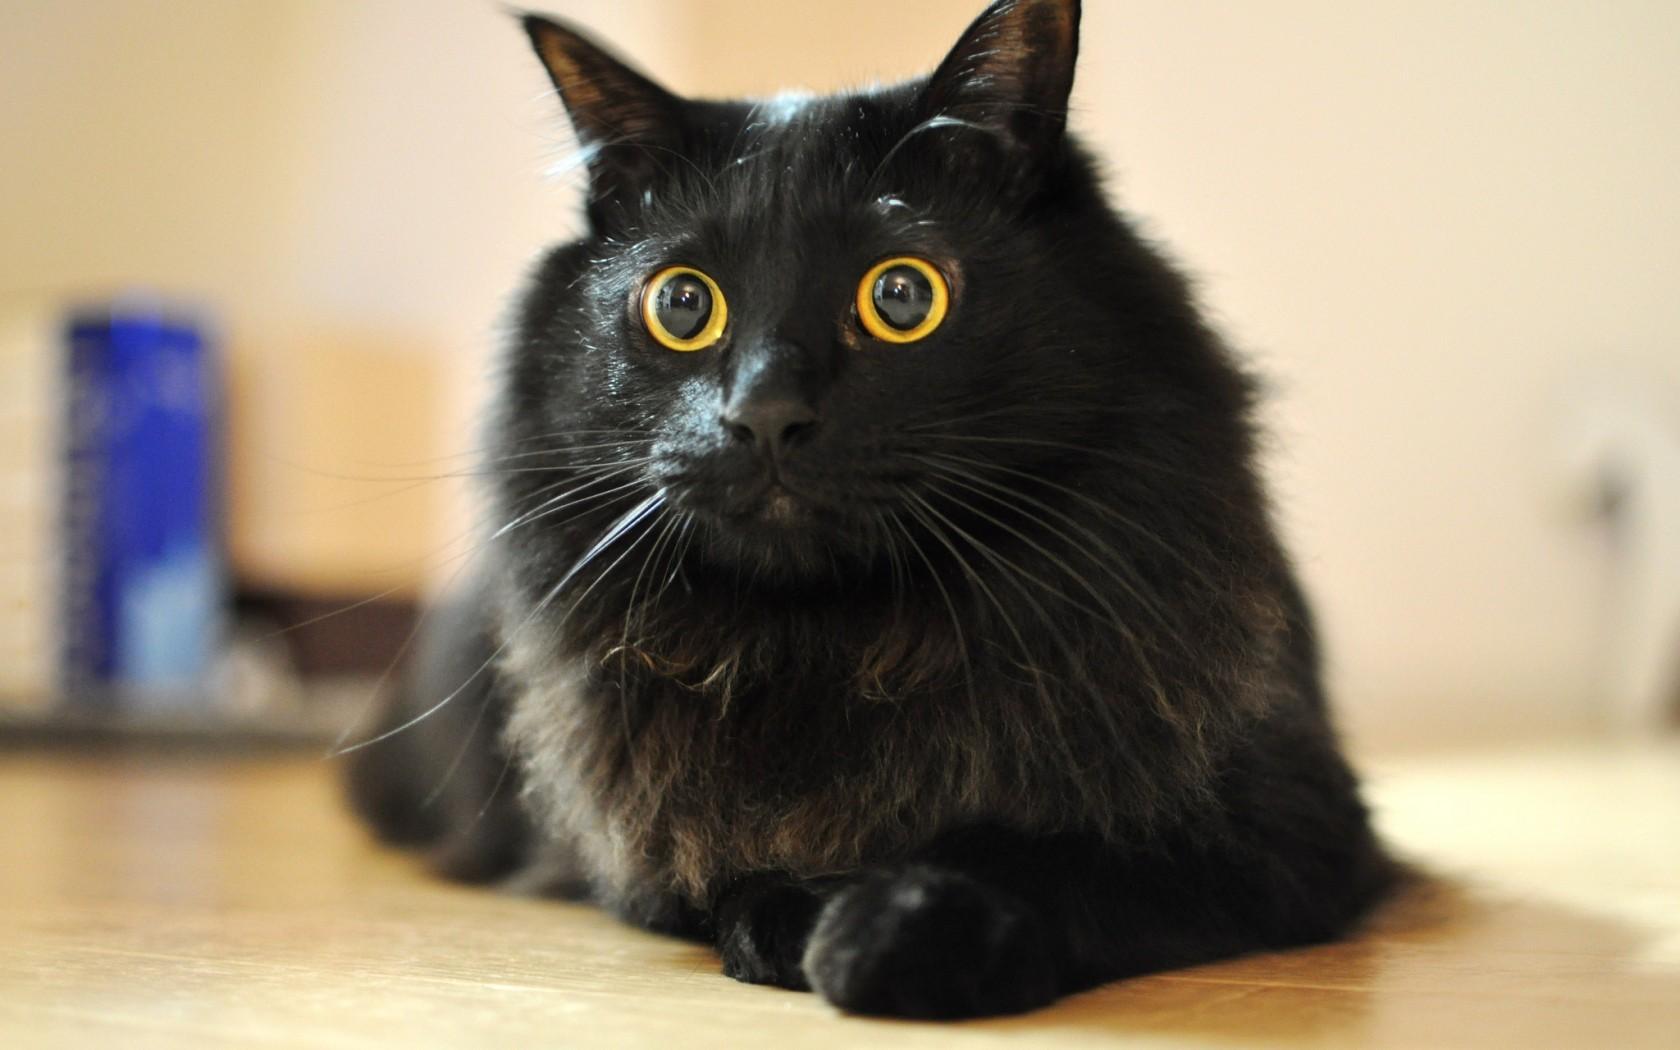 černá kočička černákapající mokré oholené kočička